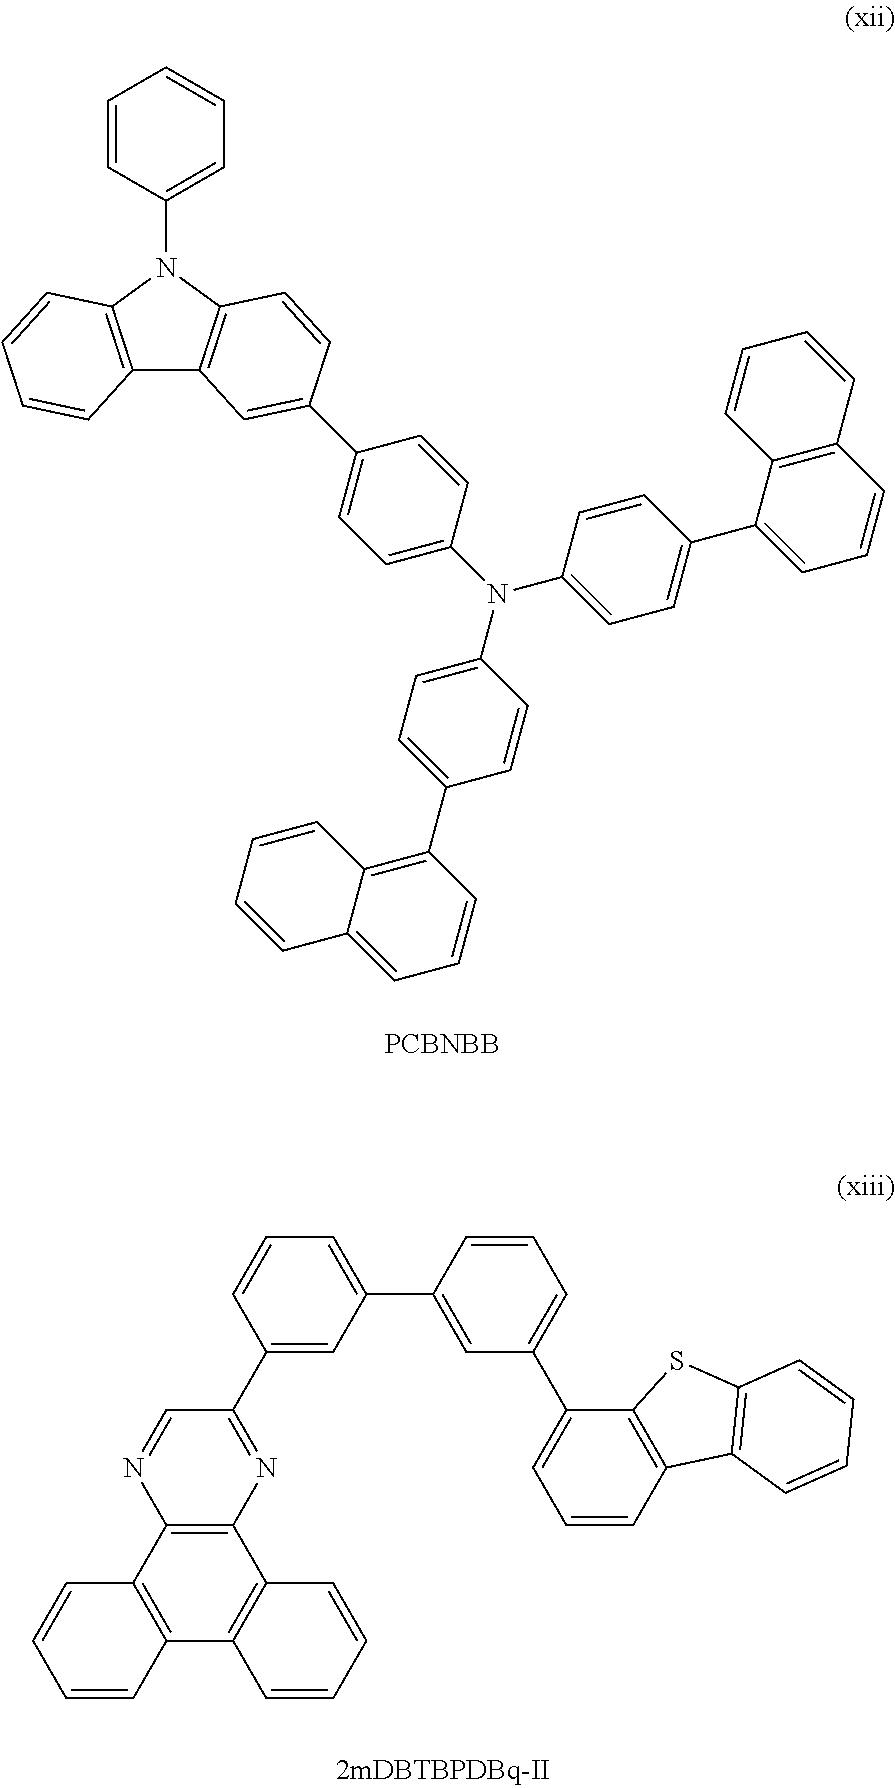 Figure US10121984-20181106-C00009